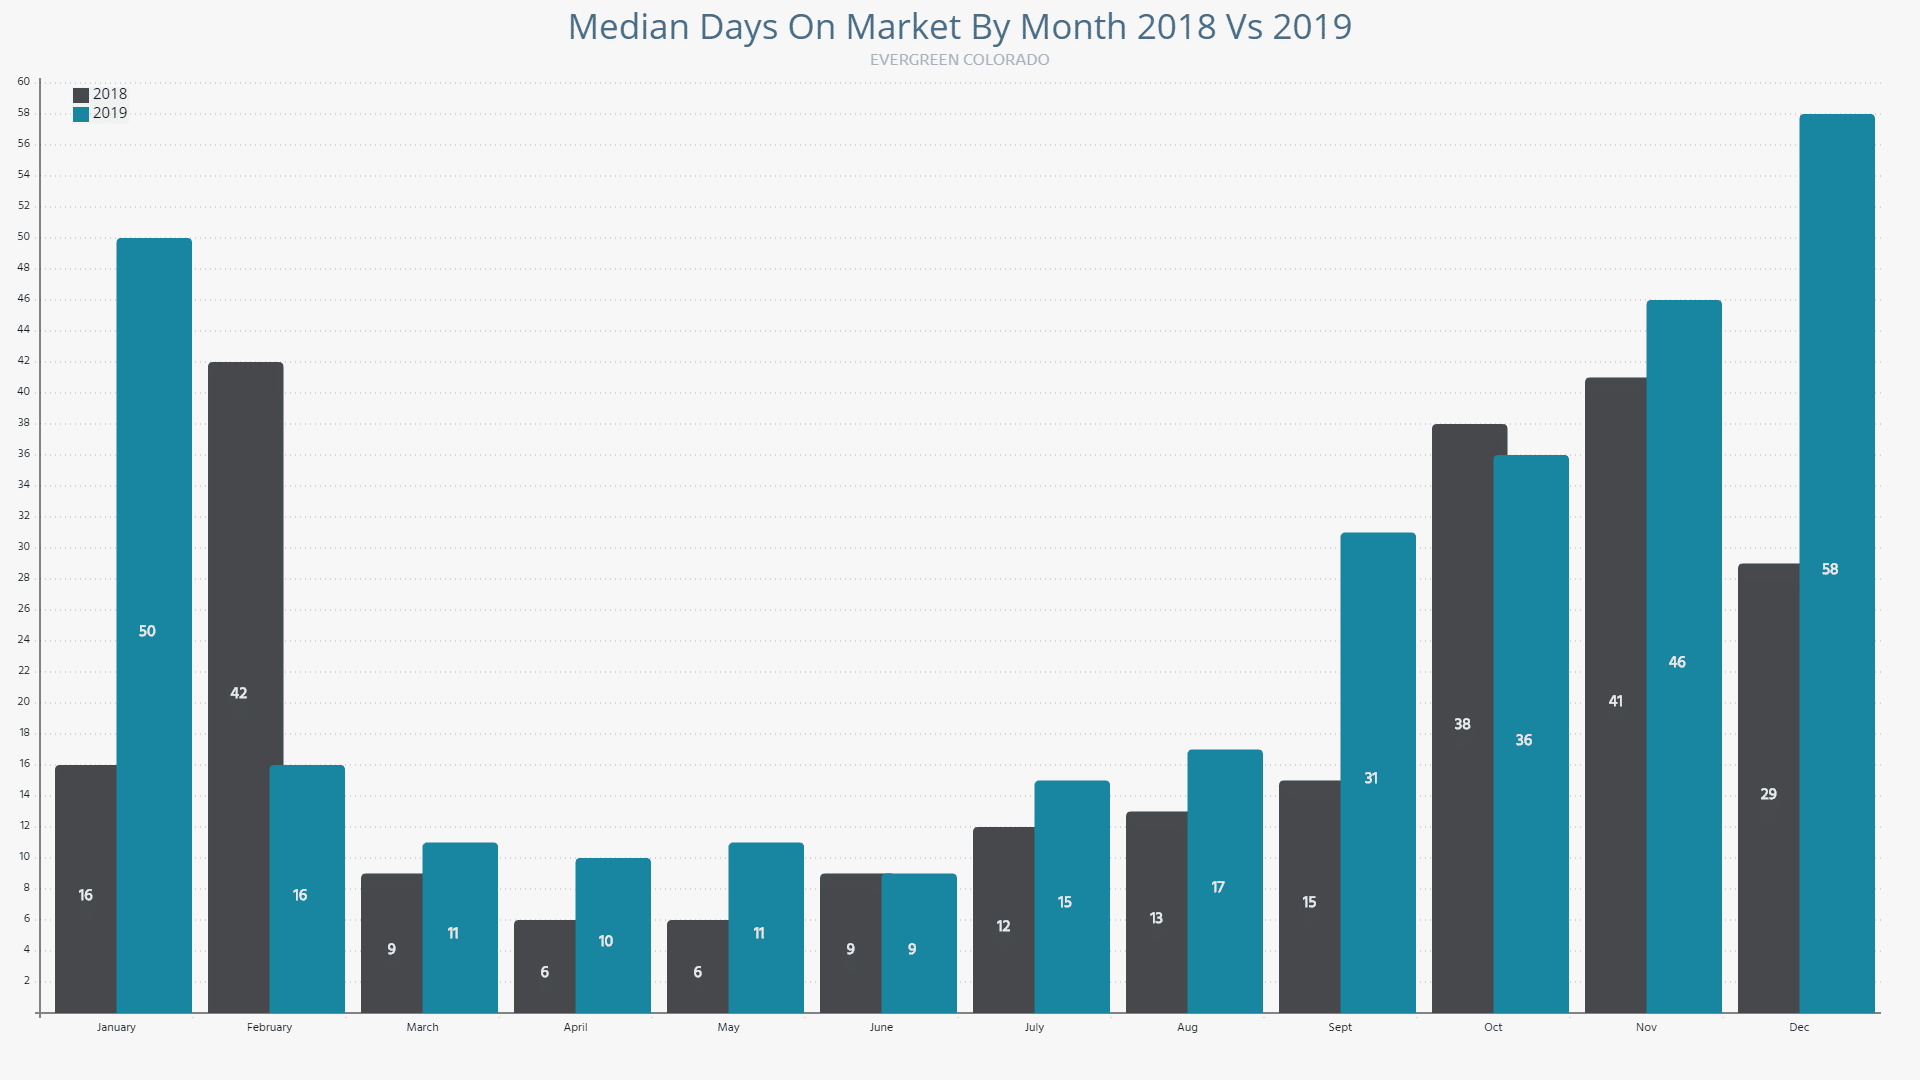 Evergreen housing median days on market 2018 vs 2019